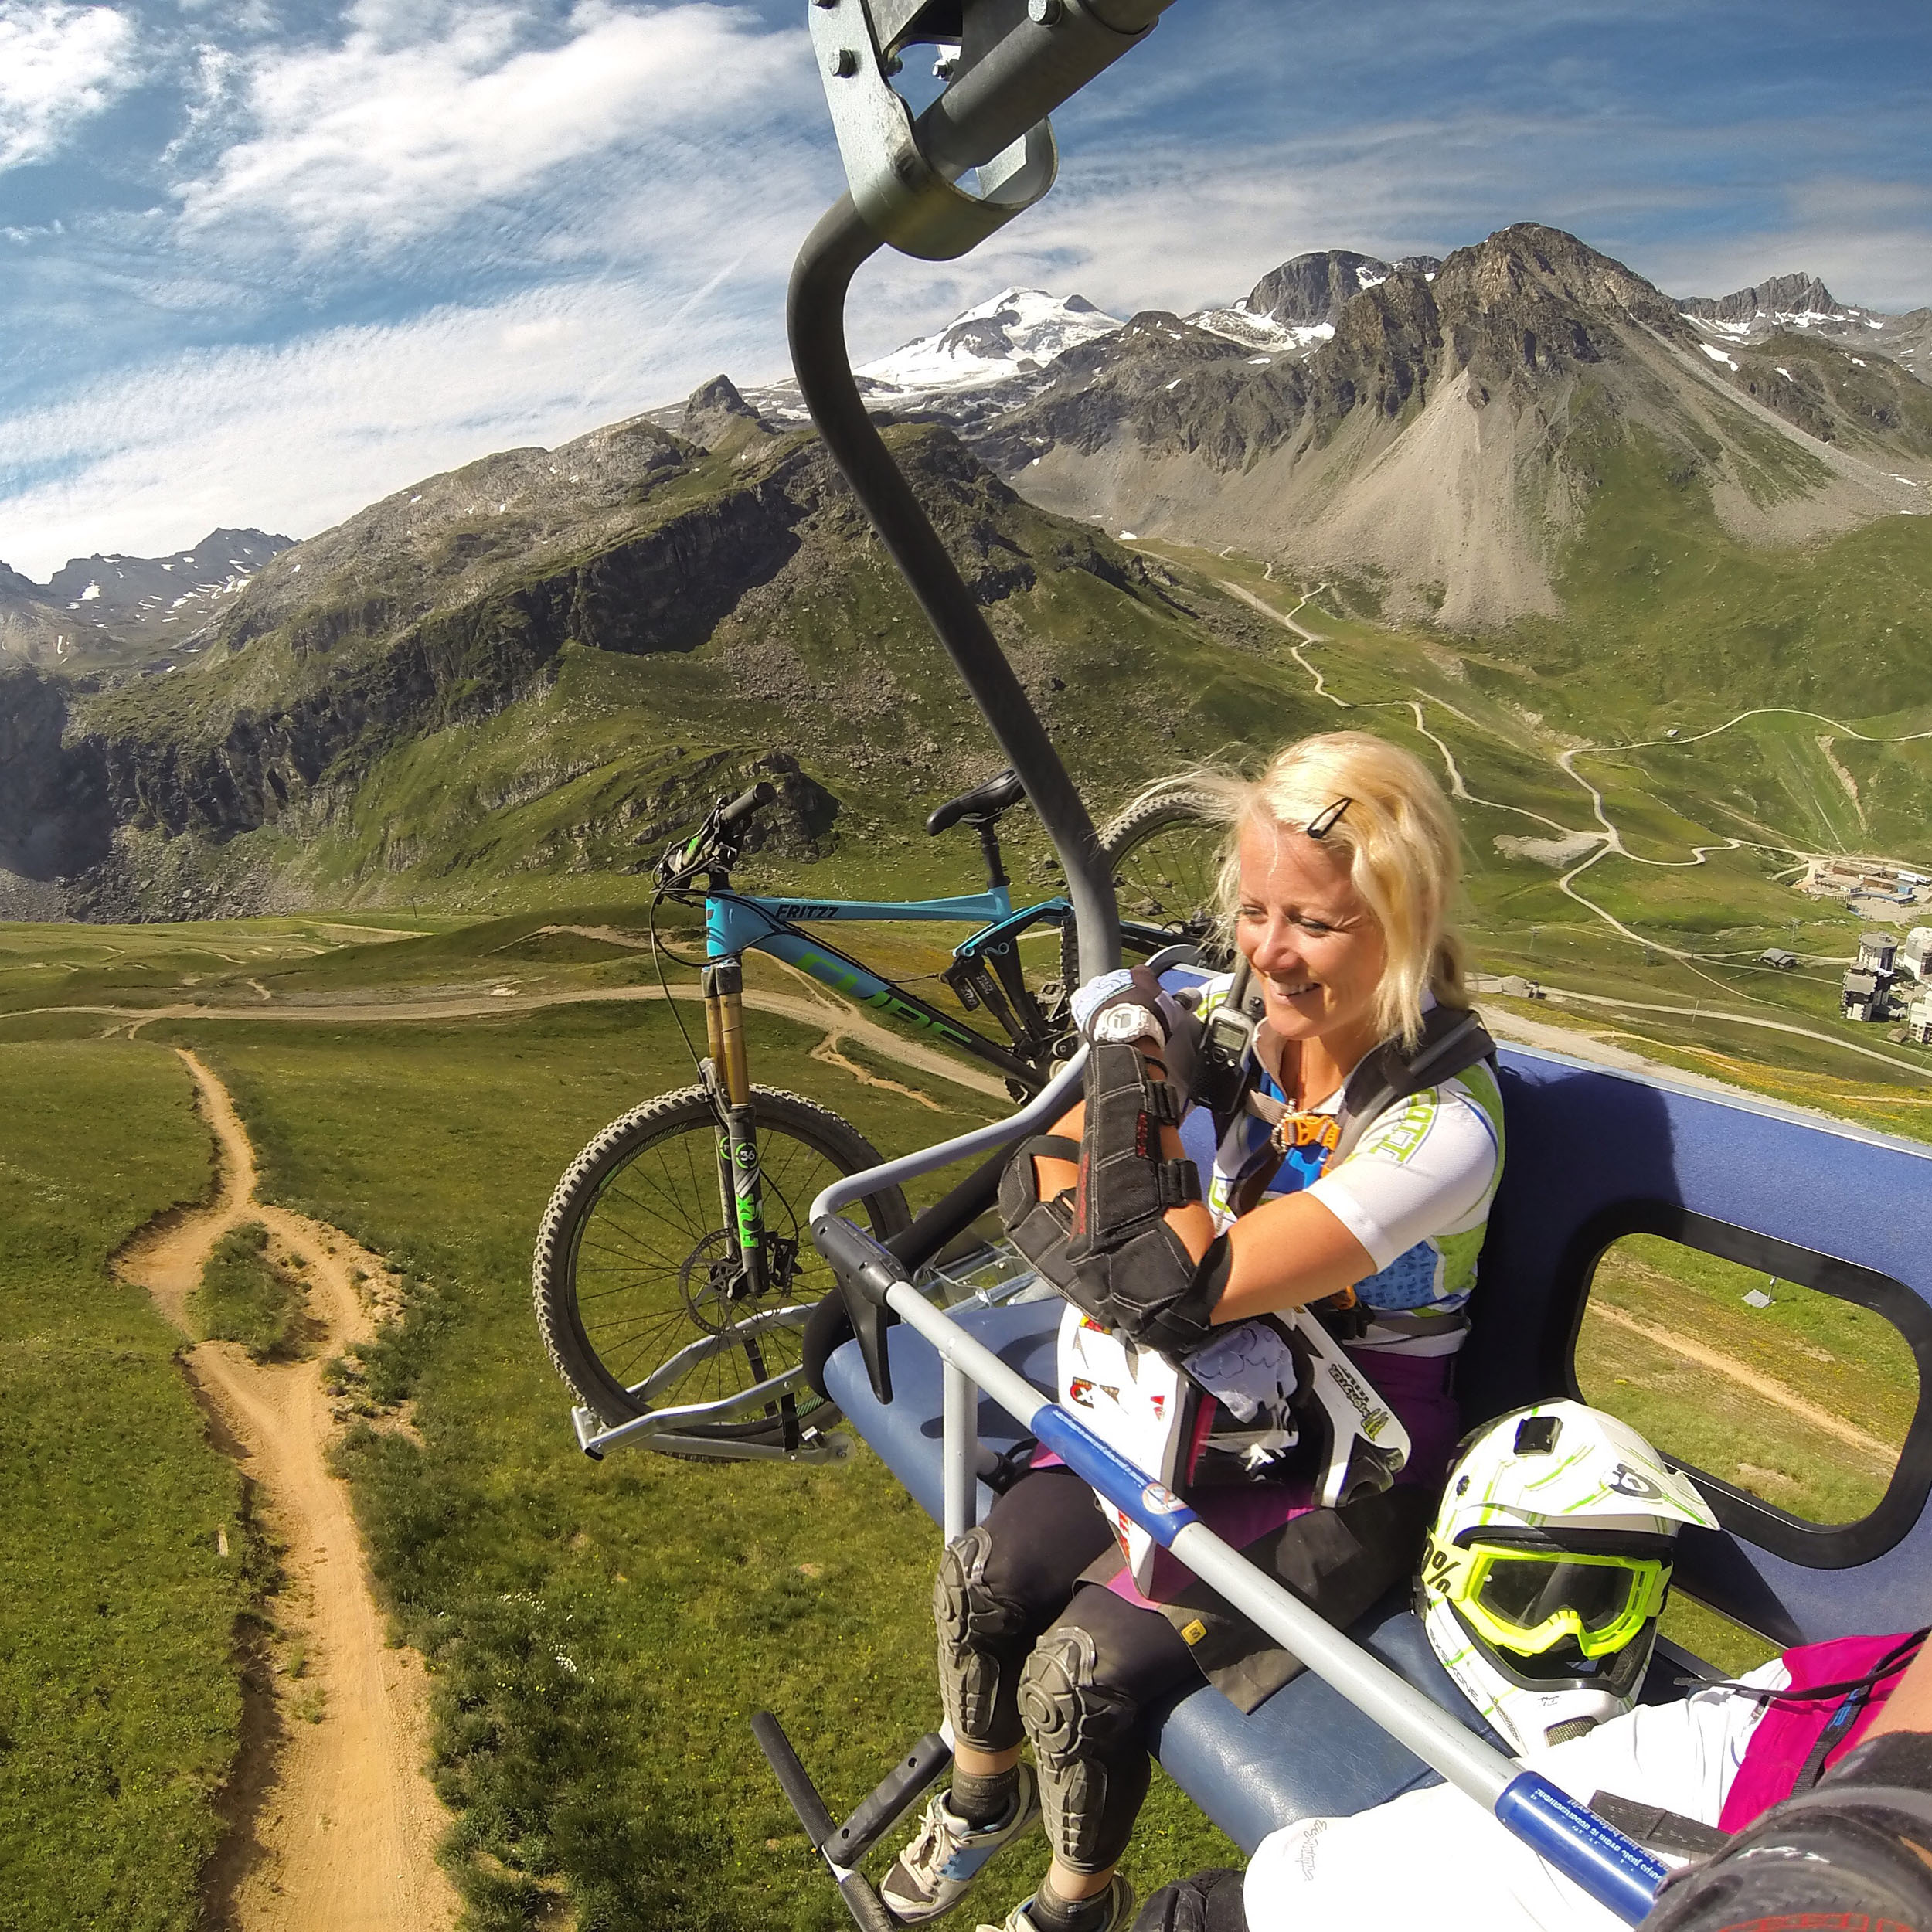 Biking In Tignes Alps Chair lifts